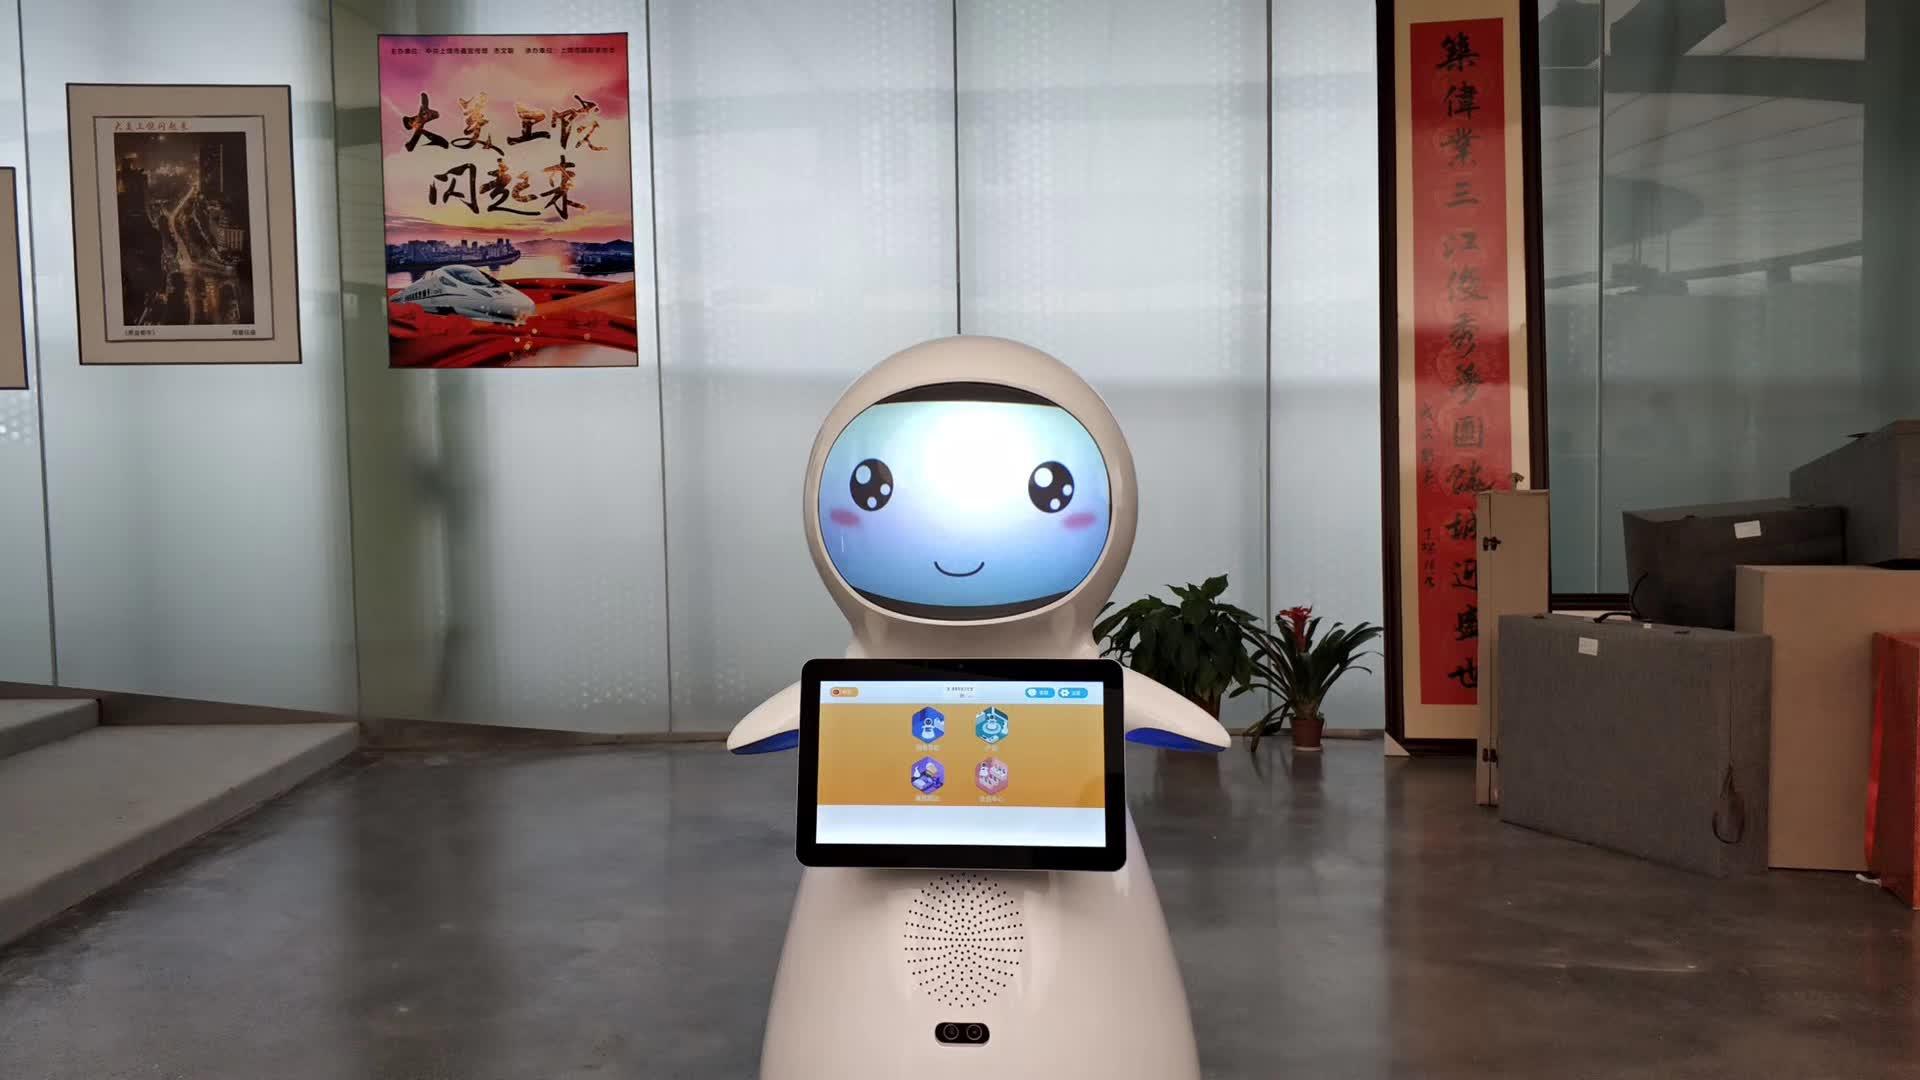 河北销售测温人脸识别一体机 服务至上 昆山新正源机器人智能科技供应